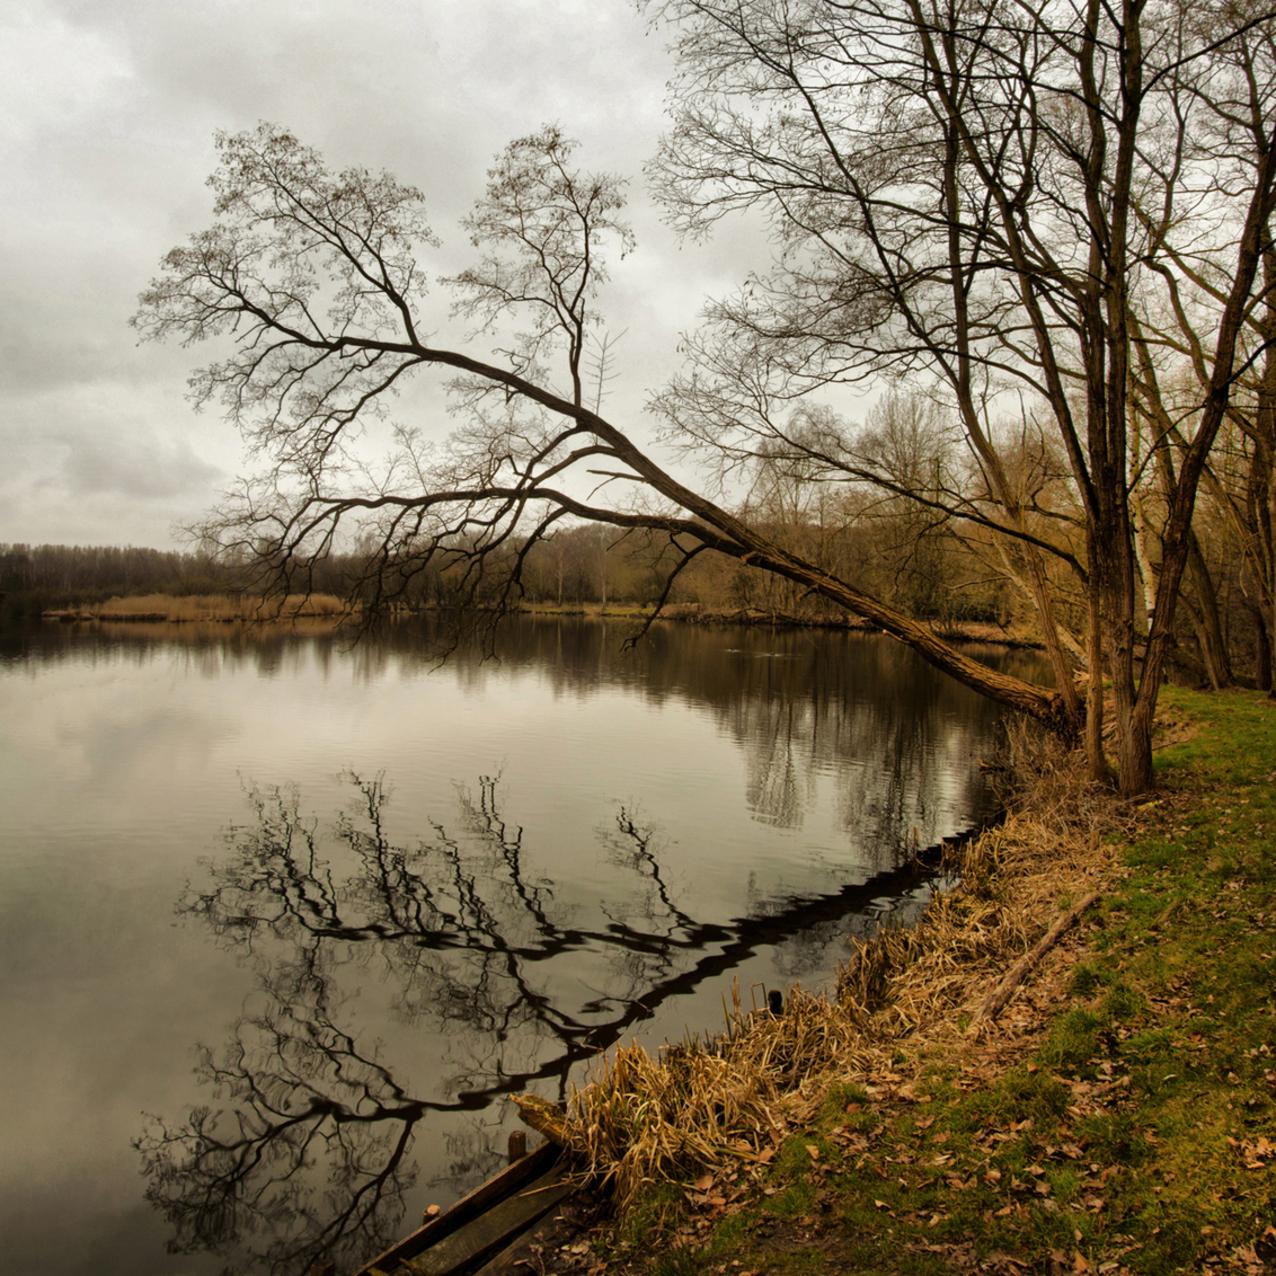 Natuurgebied De Maat - Samengesteld beeld uit twee boven elkaar geplaatste horizontale fotos. - foto door kosmopol op 21-03-2012 - deze foto bevat: water, natuur, spiegeling, kosmopol